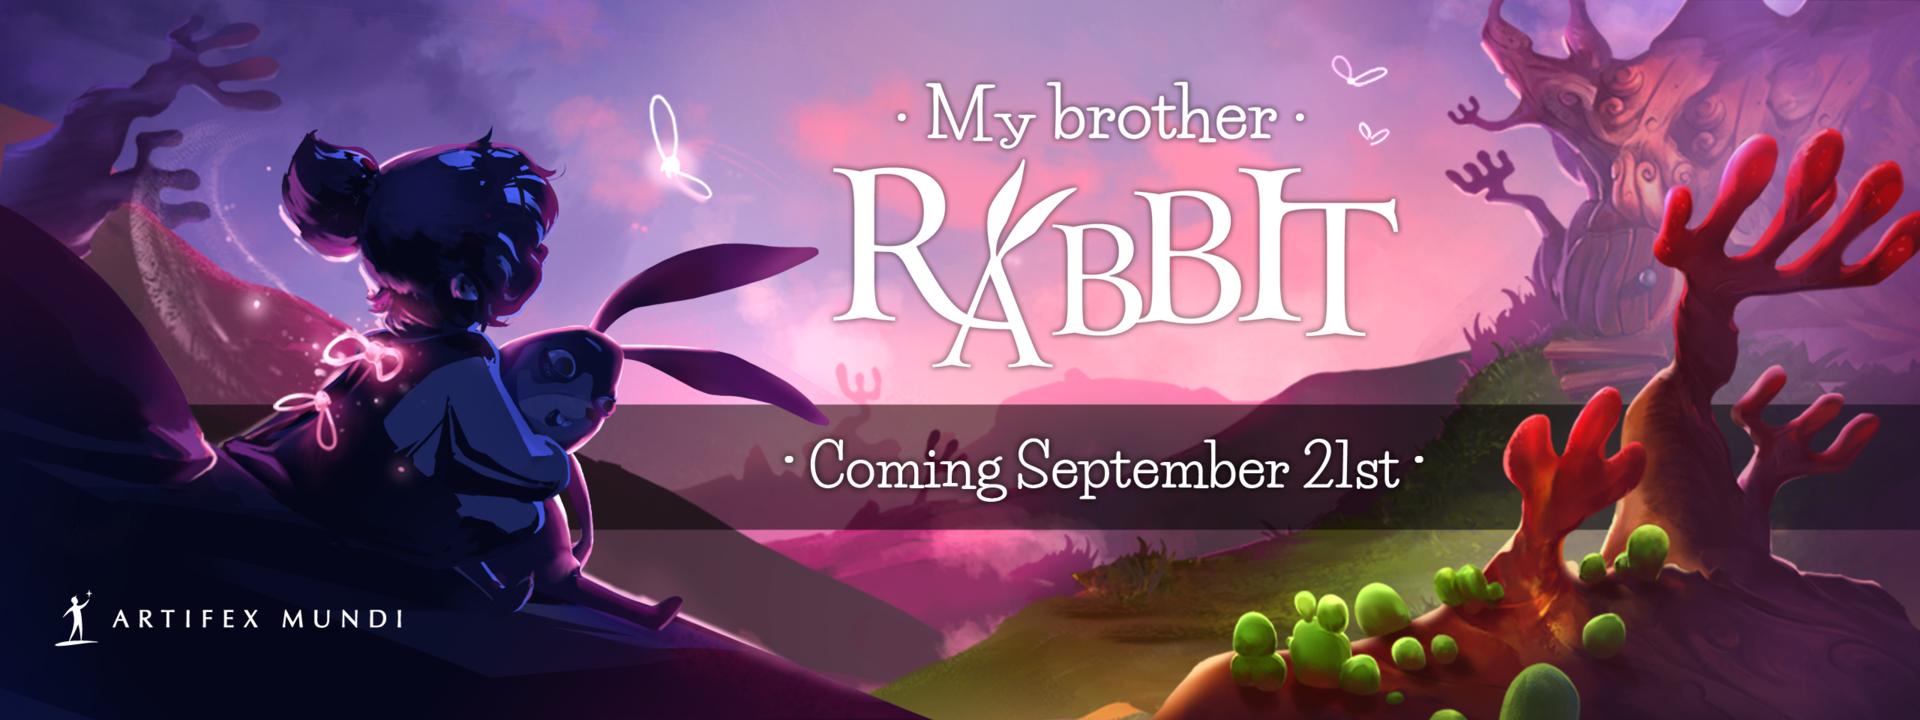 My Brother Rabbit zabierze graczy w podróż do świata wyobraźni już 21 września